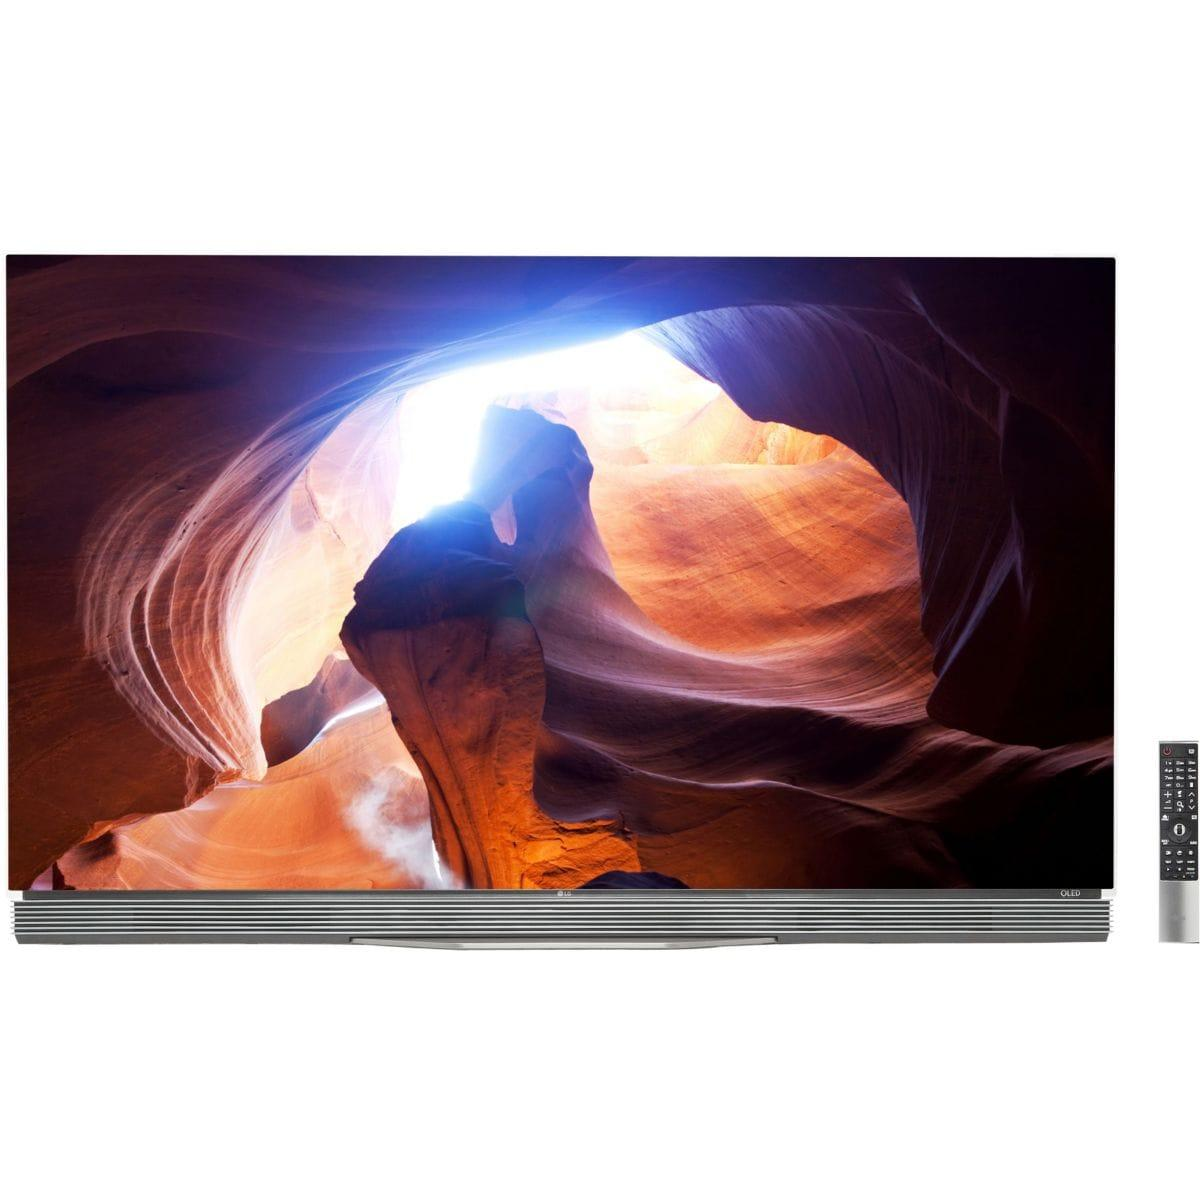 Smart TV OLED 3D 4K Ultra HD 139 cm LG OLED55E6V